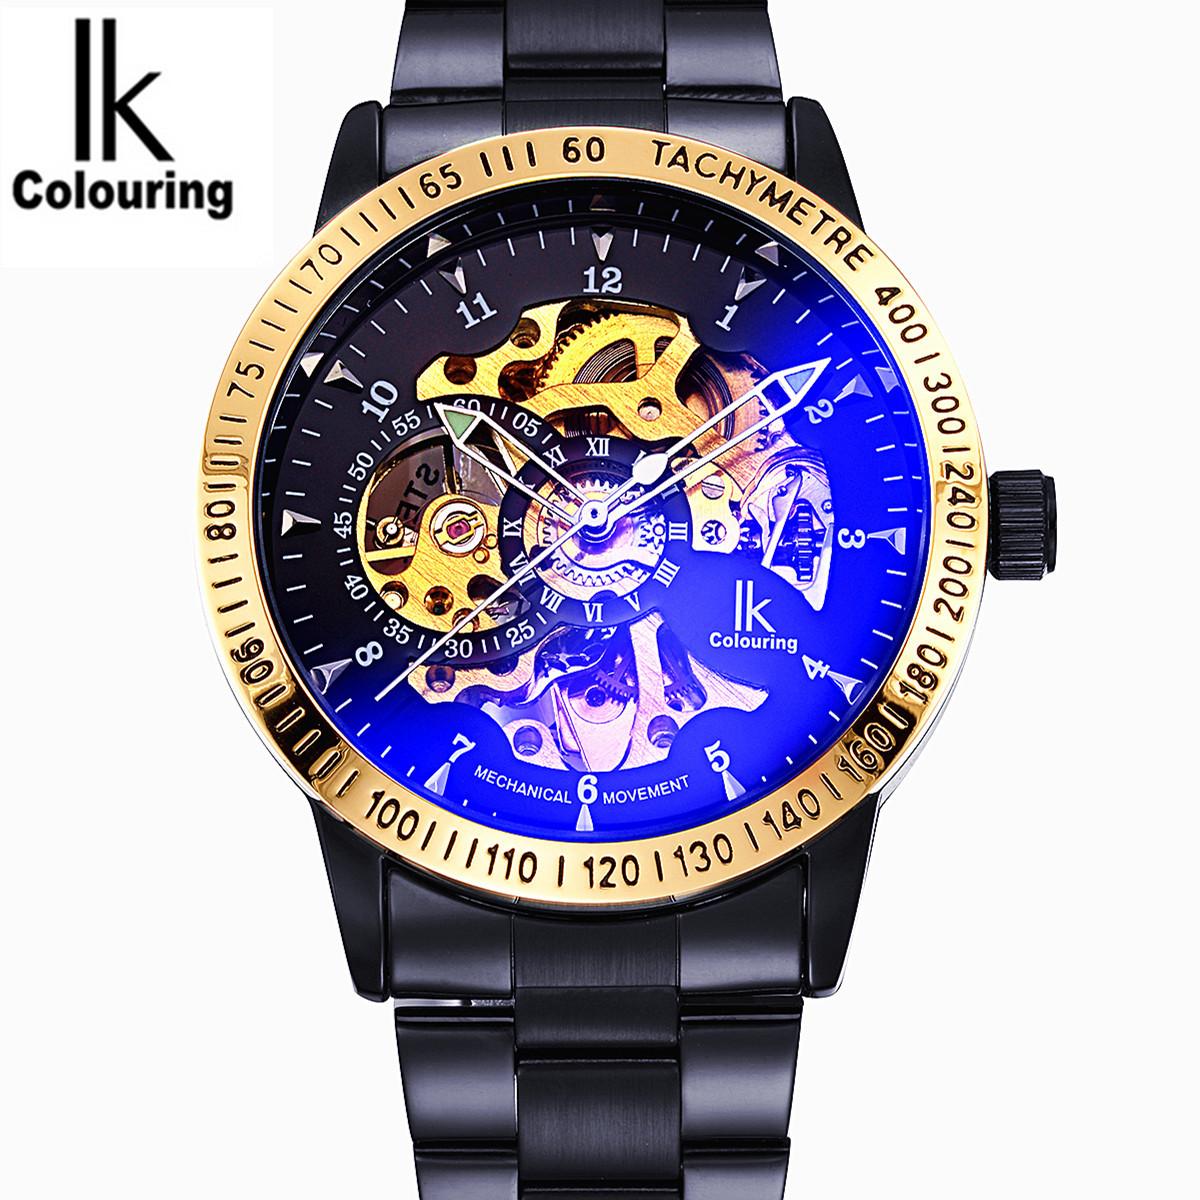 正品阿帕琦男士手表大表盘机械表全自动双面镂空防水夜光腕表男表